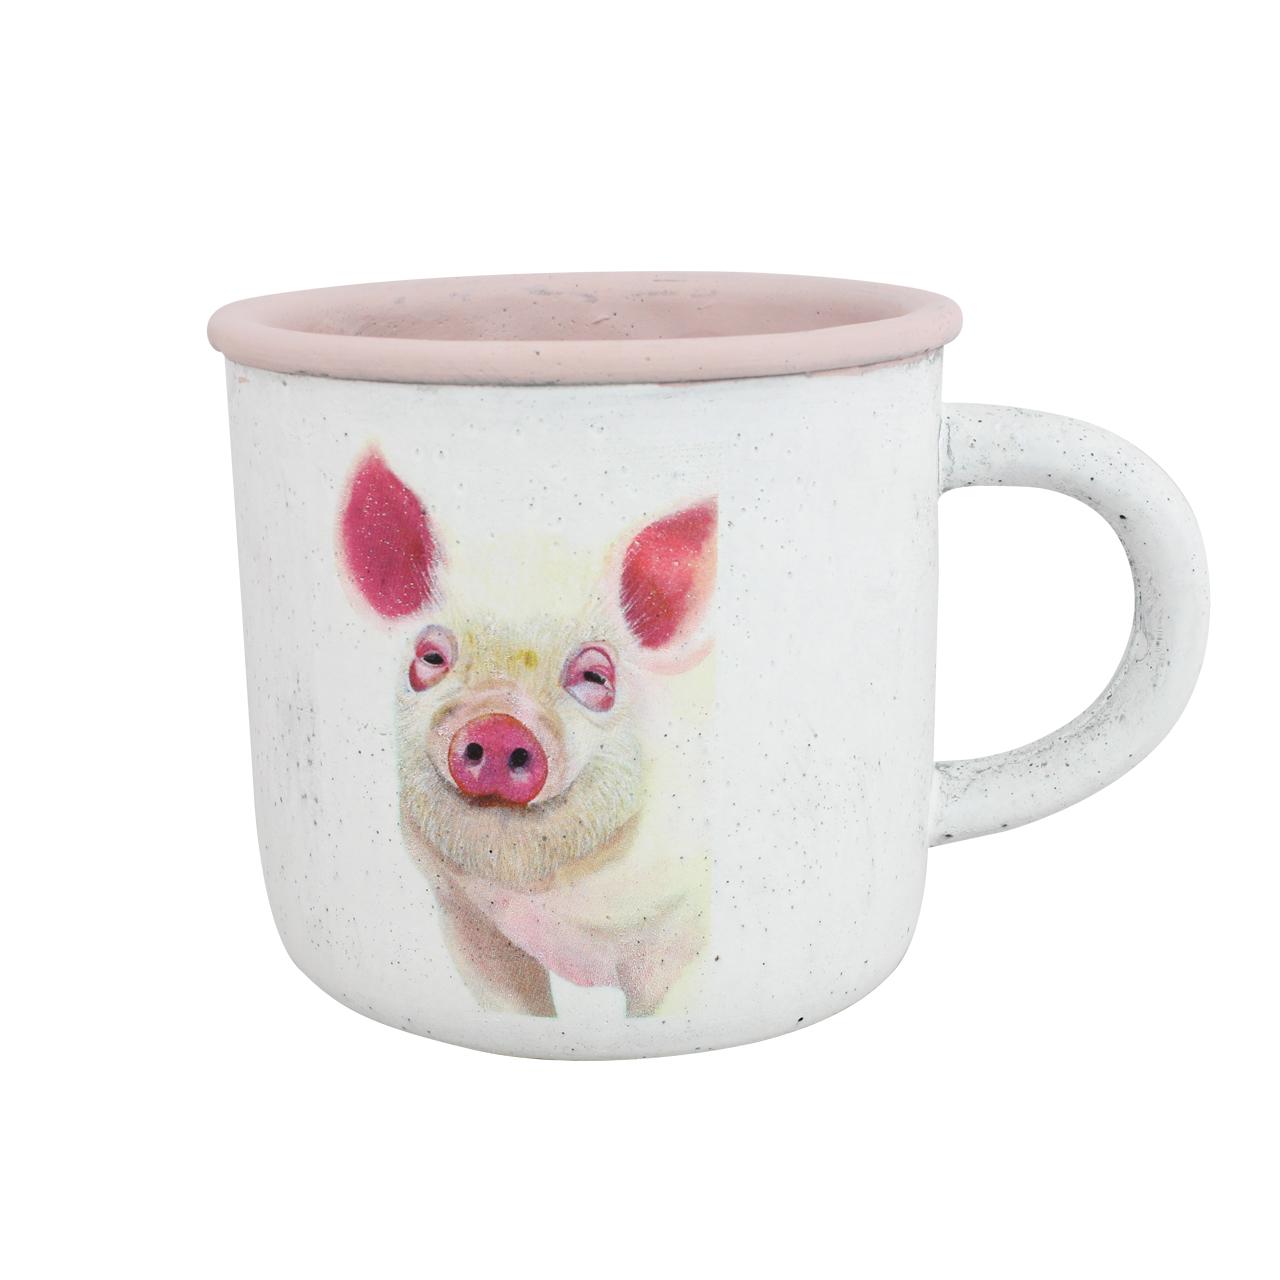 Ghiveci Din Ceramica Roz Cu Porcusor 14 Cm